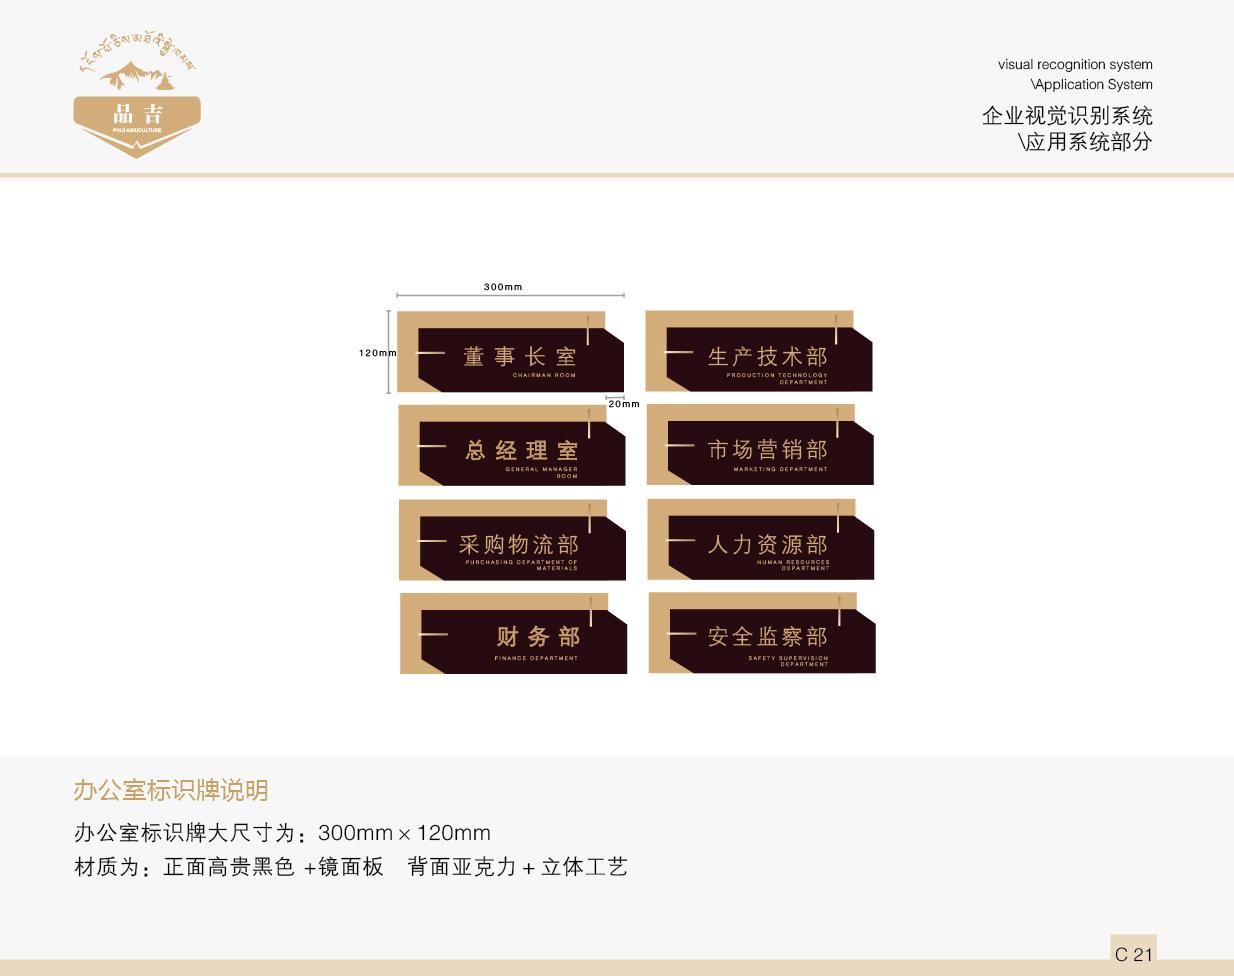 品吉农业VI 应用系统部分  客户资料  第22张